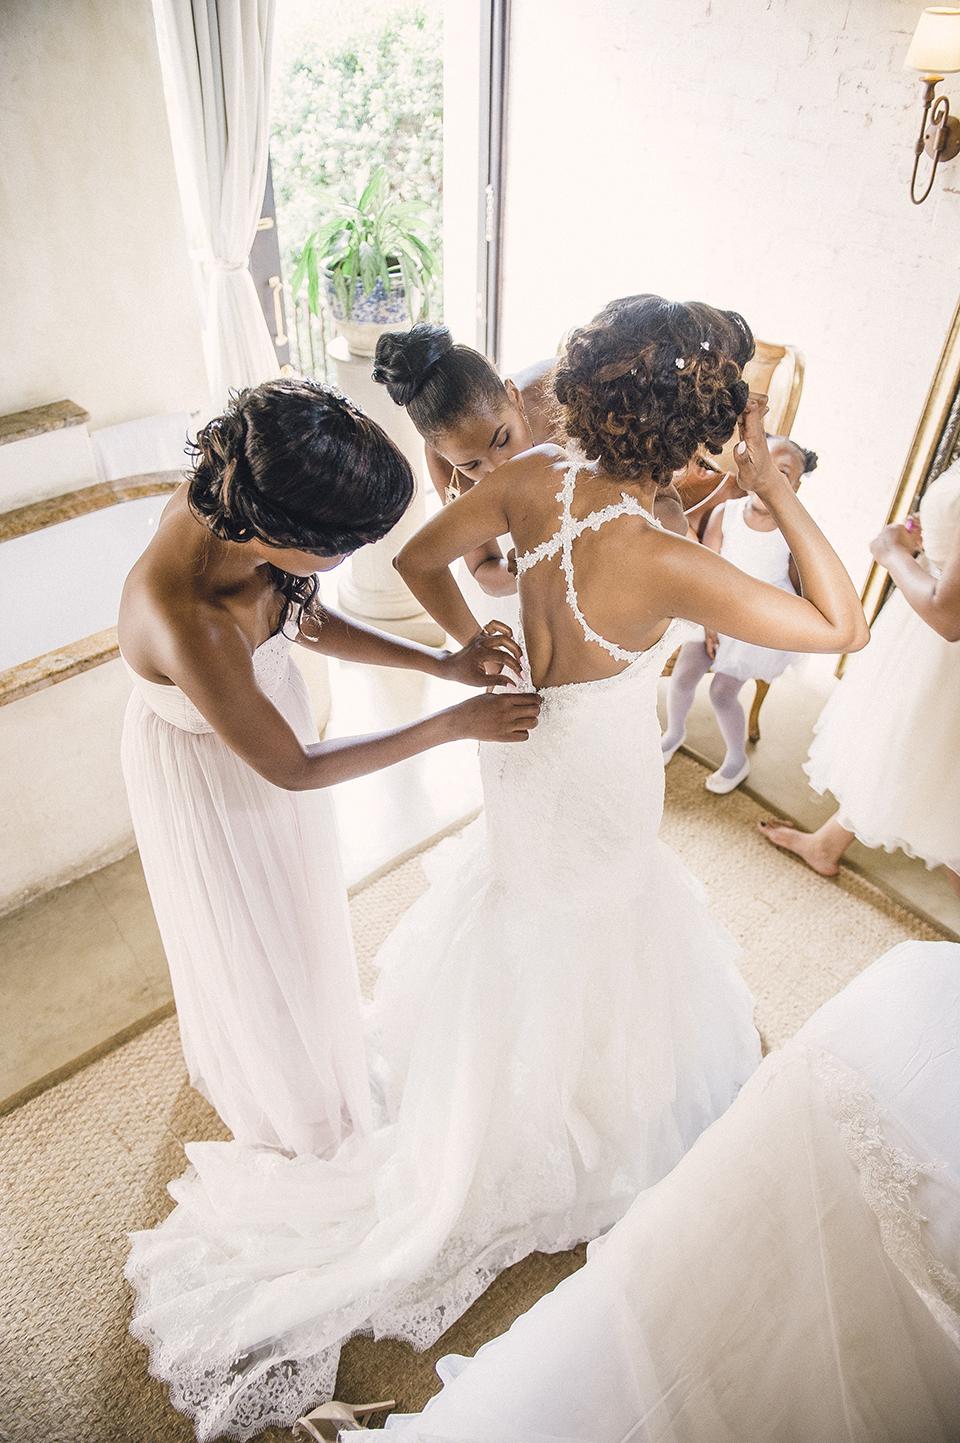 RyanParker_WeddingPhotographer_FineArt_CapeTown_Johannesburg_Hermanus_Avianto_T&L_DSC_8893.jpg